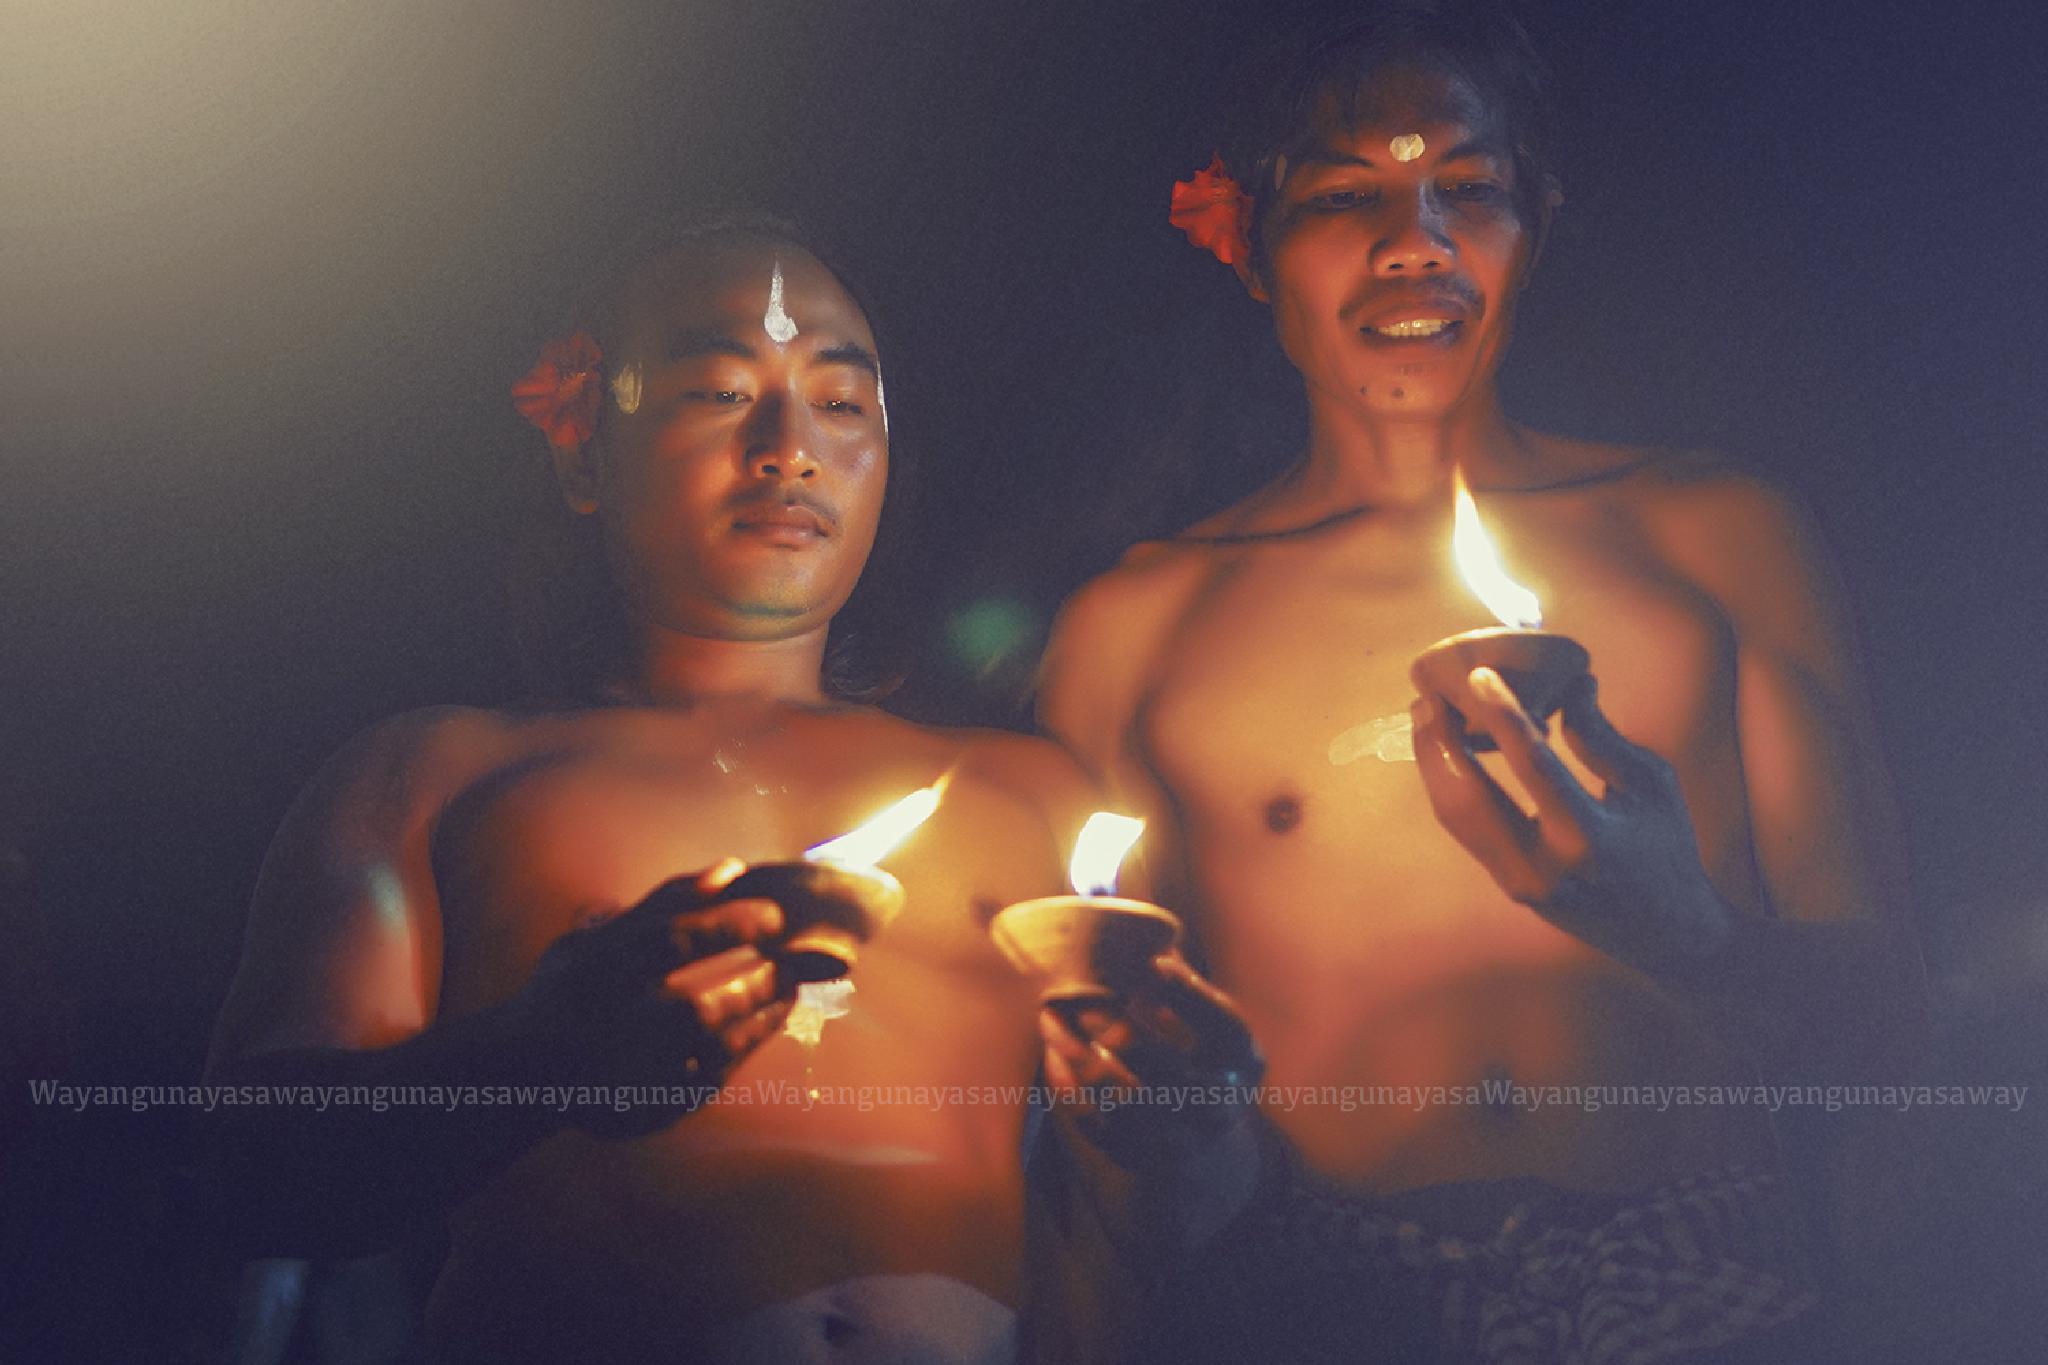 Torch of life by yangunayasa63